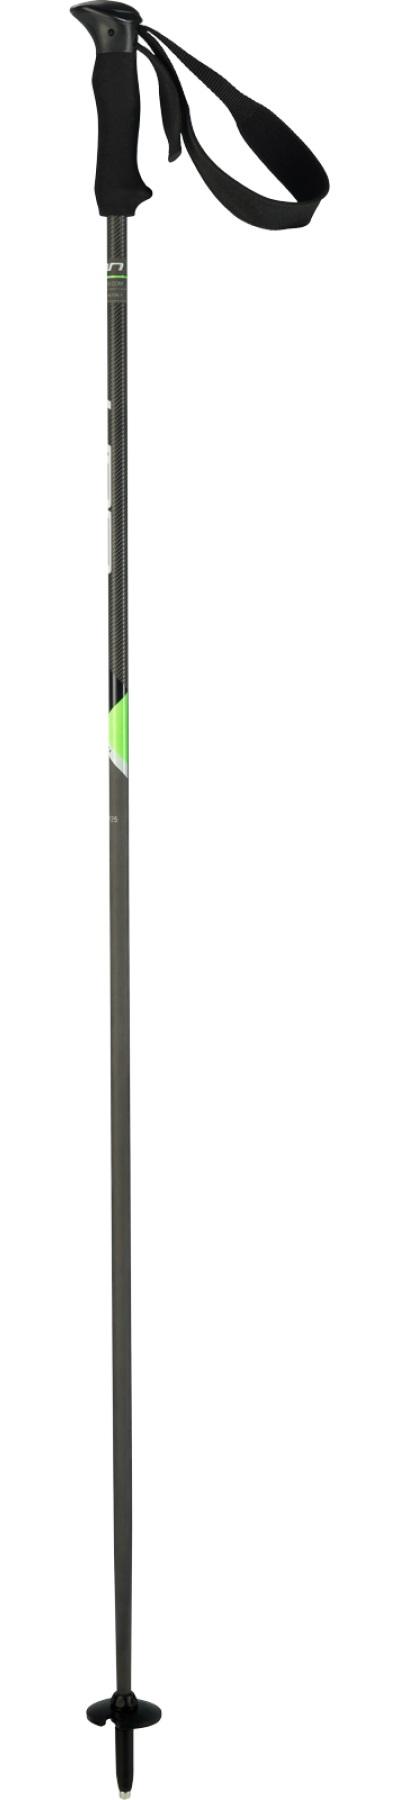 Горнолыжные палки Elan 2017-18 SP CARBONrod (см:130)